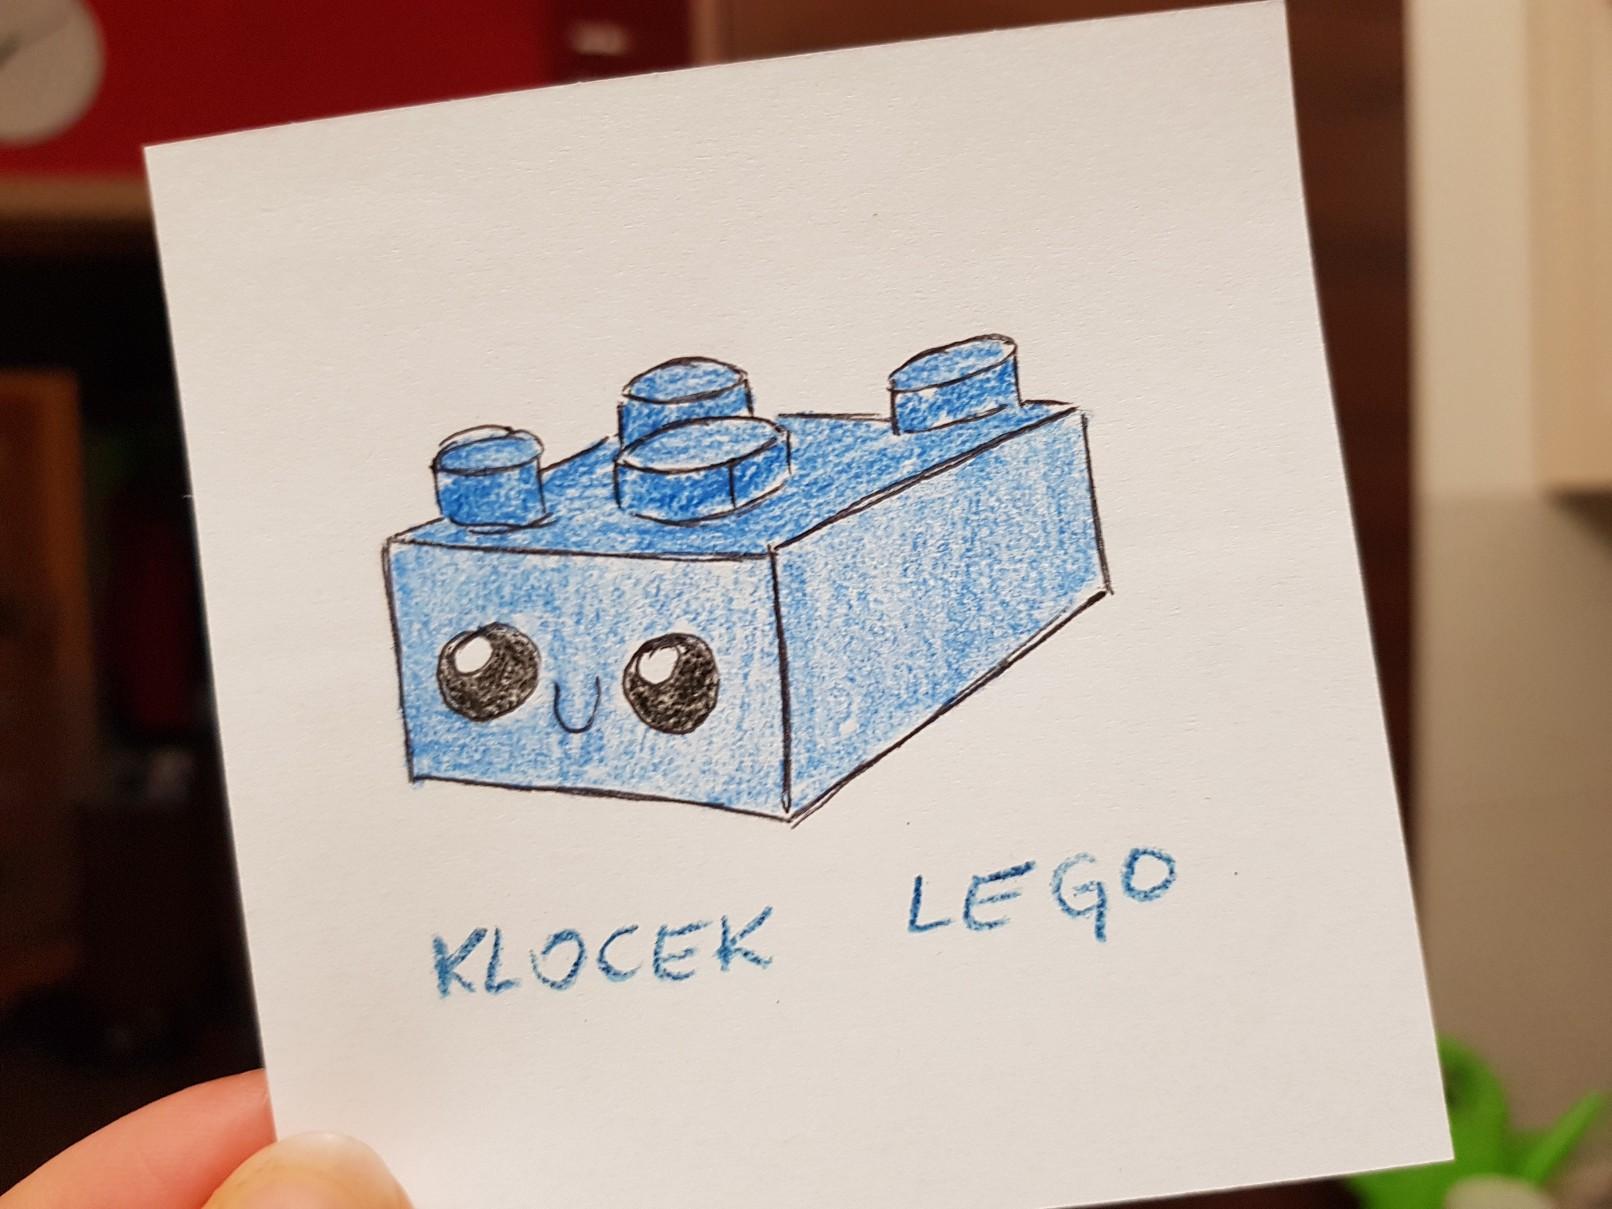 lunchbox art lego brick